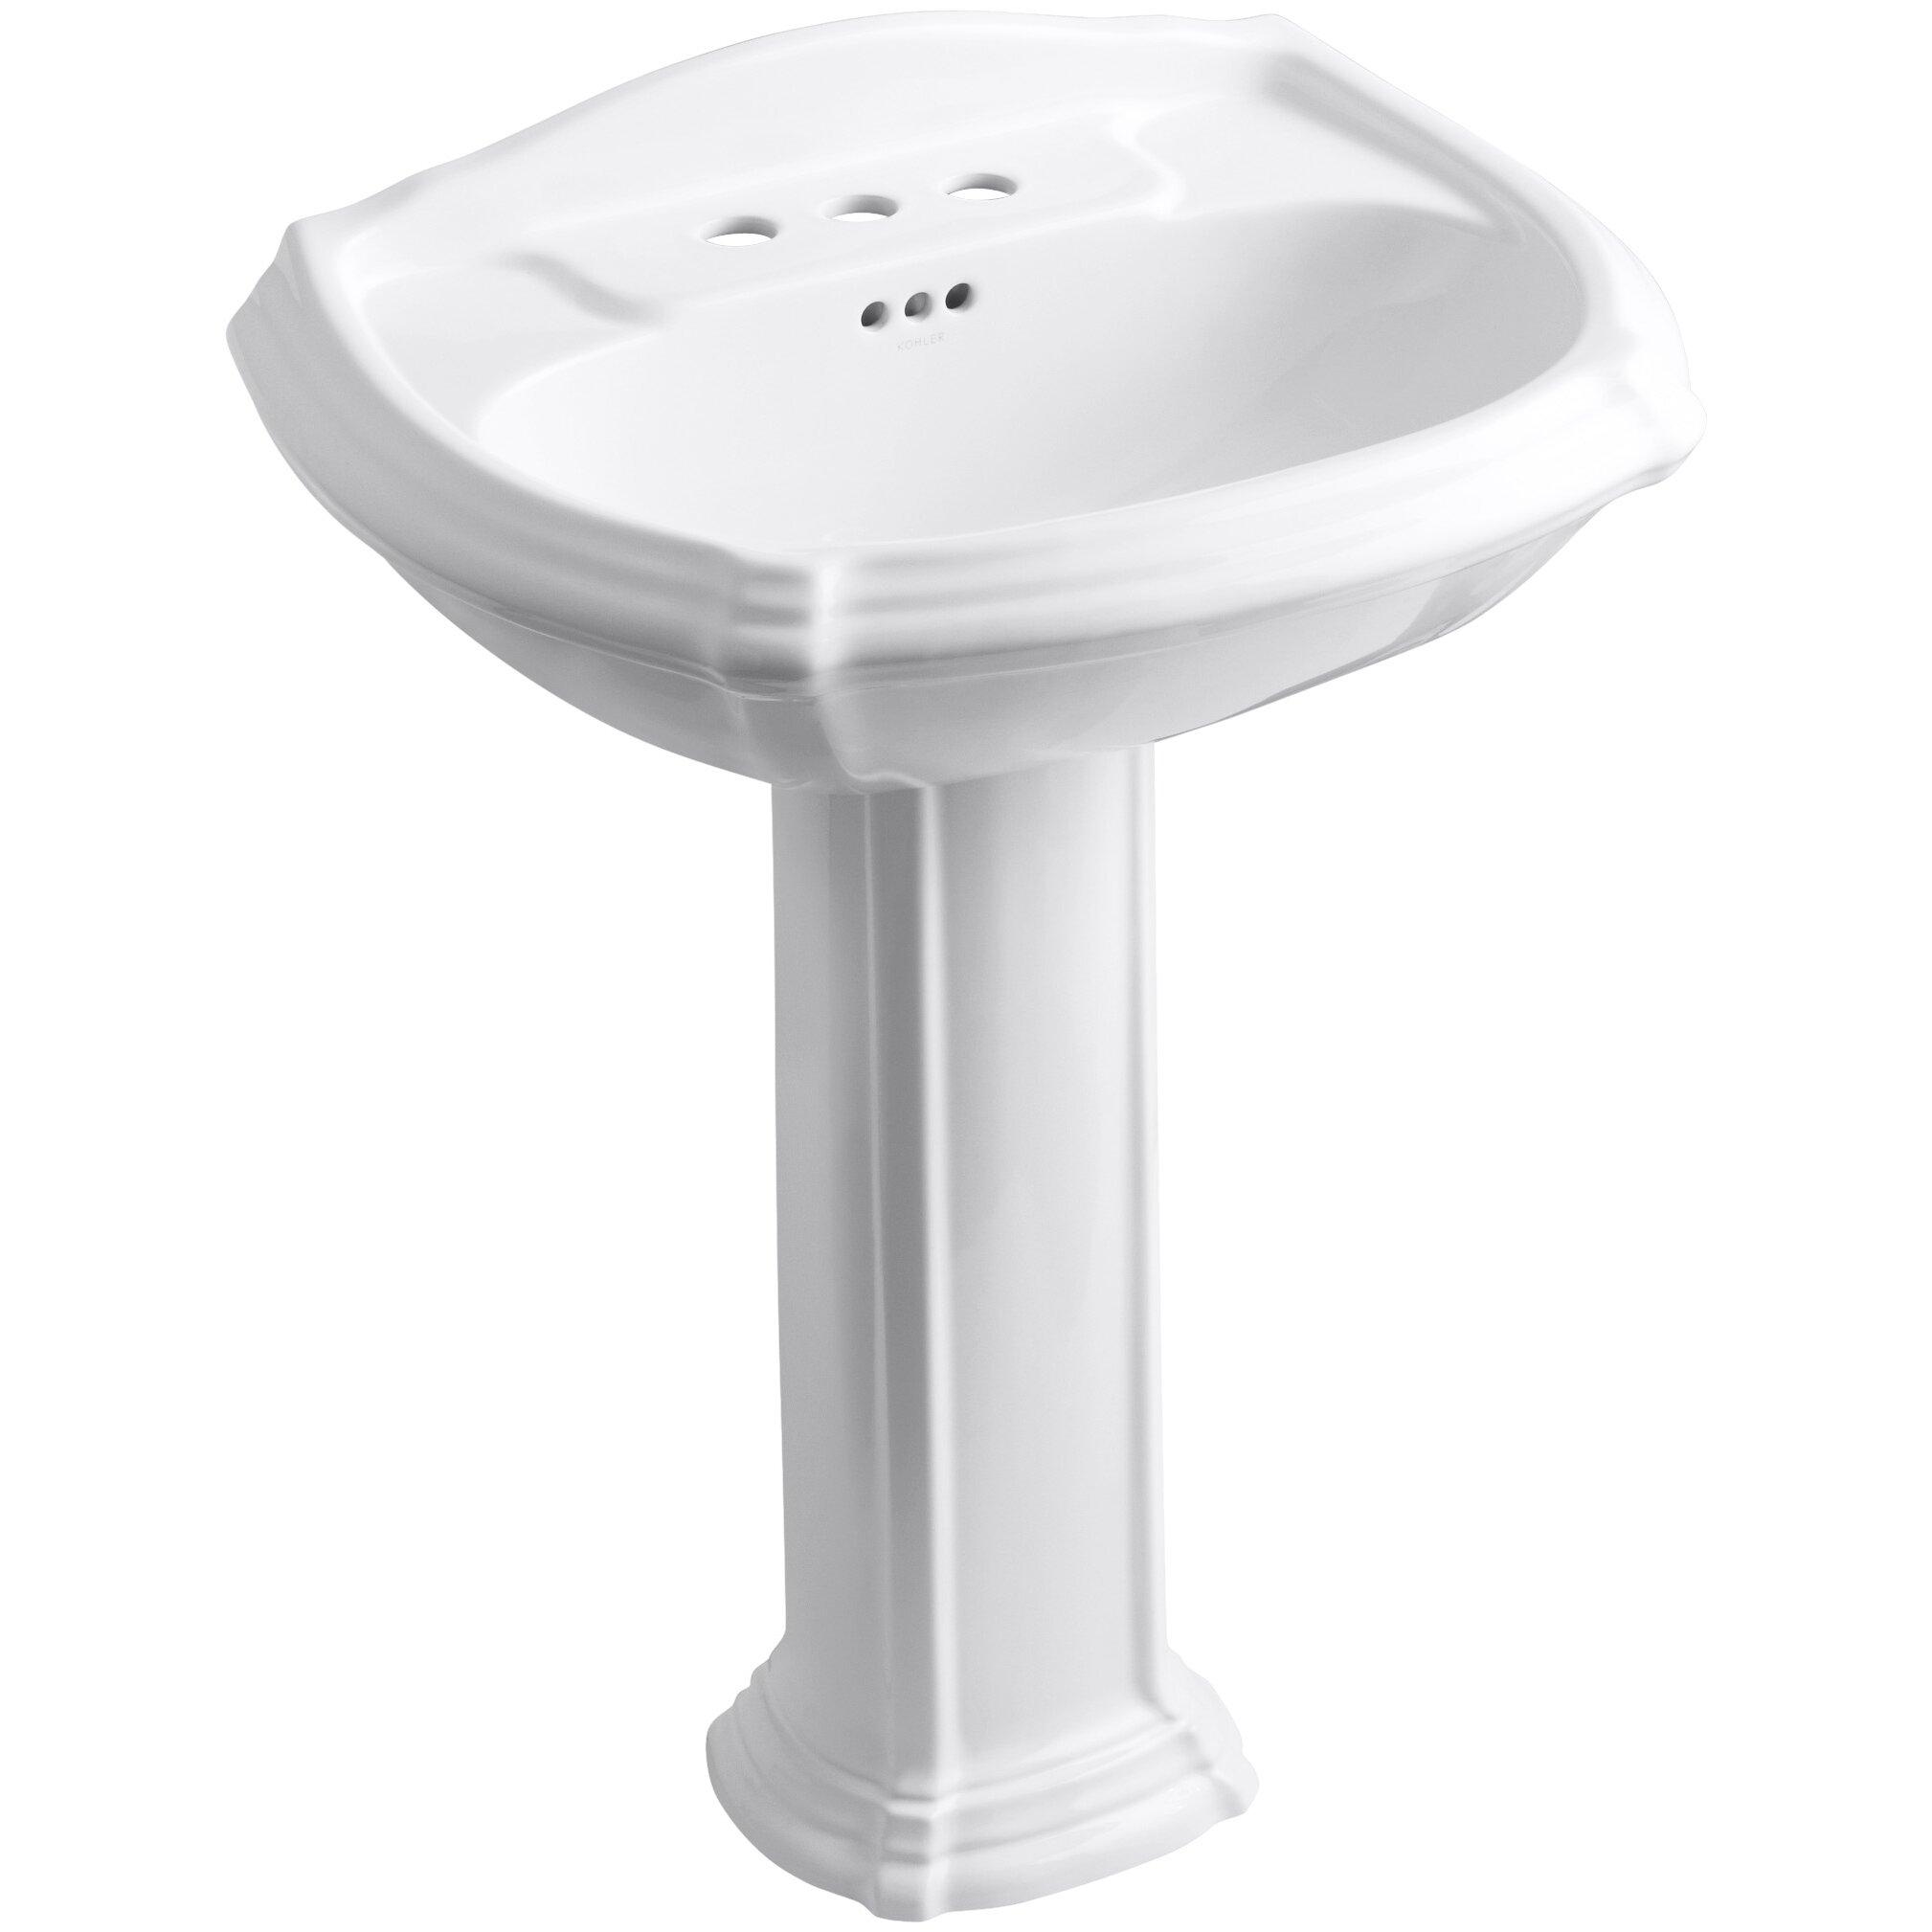 Portrait Pedestal Bathroom Sink With 4 Quot Centerset Faucet